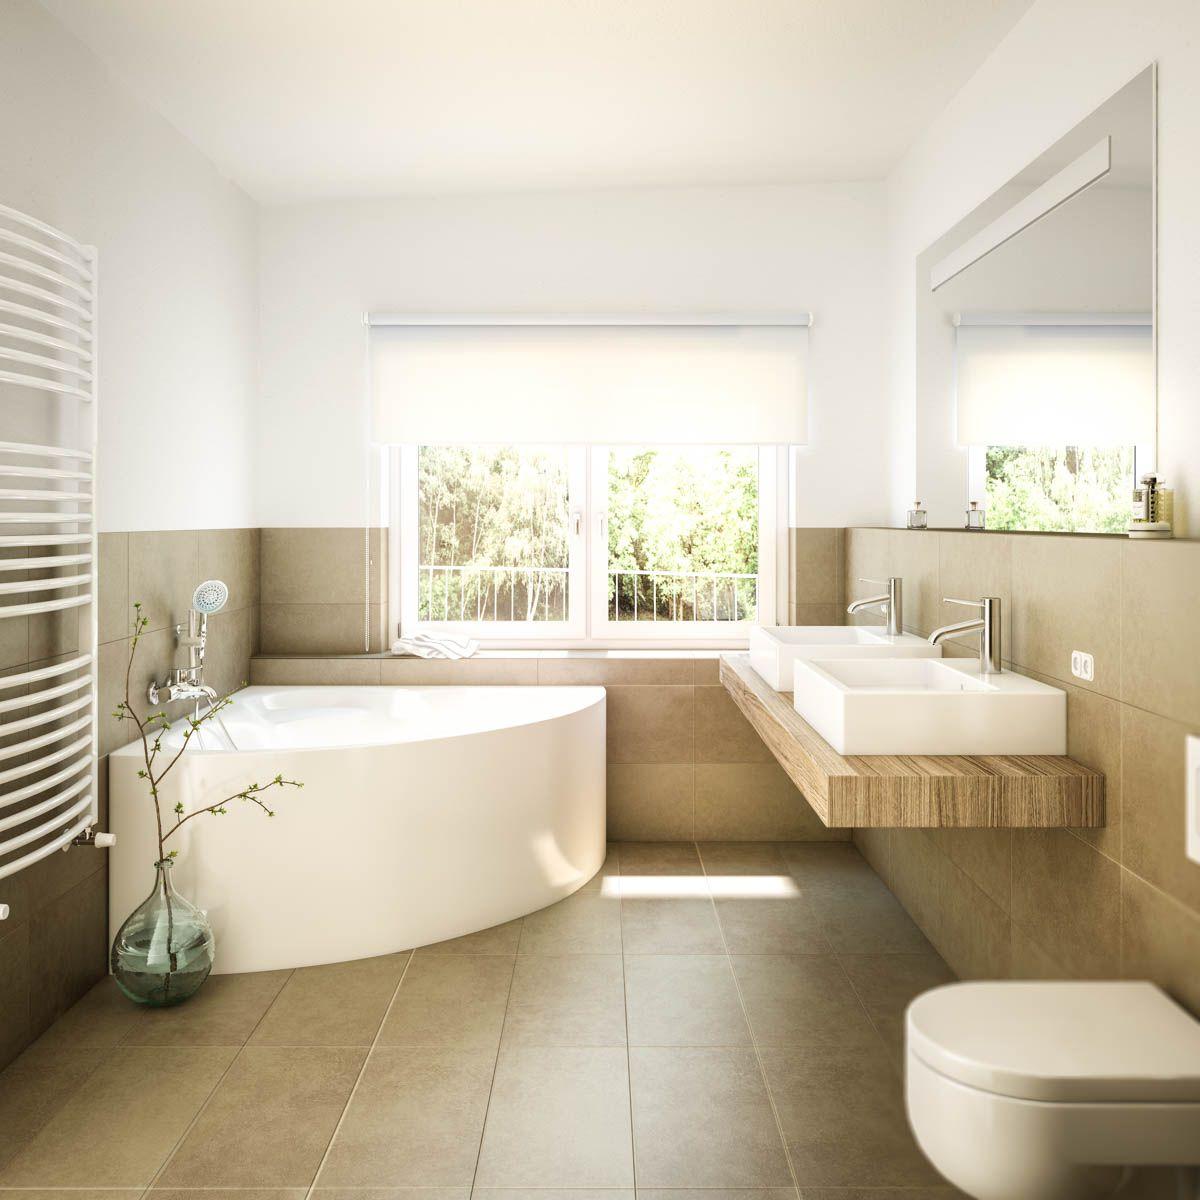 Pin Von Tereza Auf Haus Ideen Badezimmer Badezimmer Mobel Wohnung